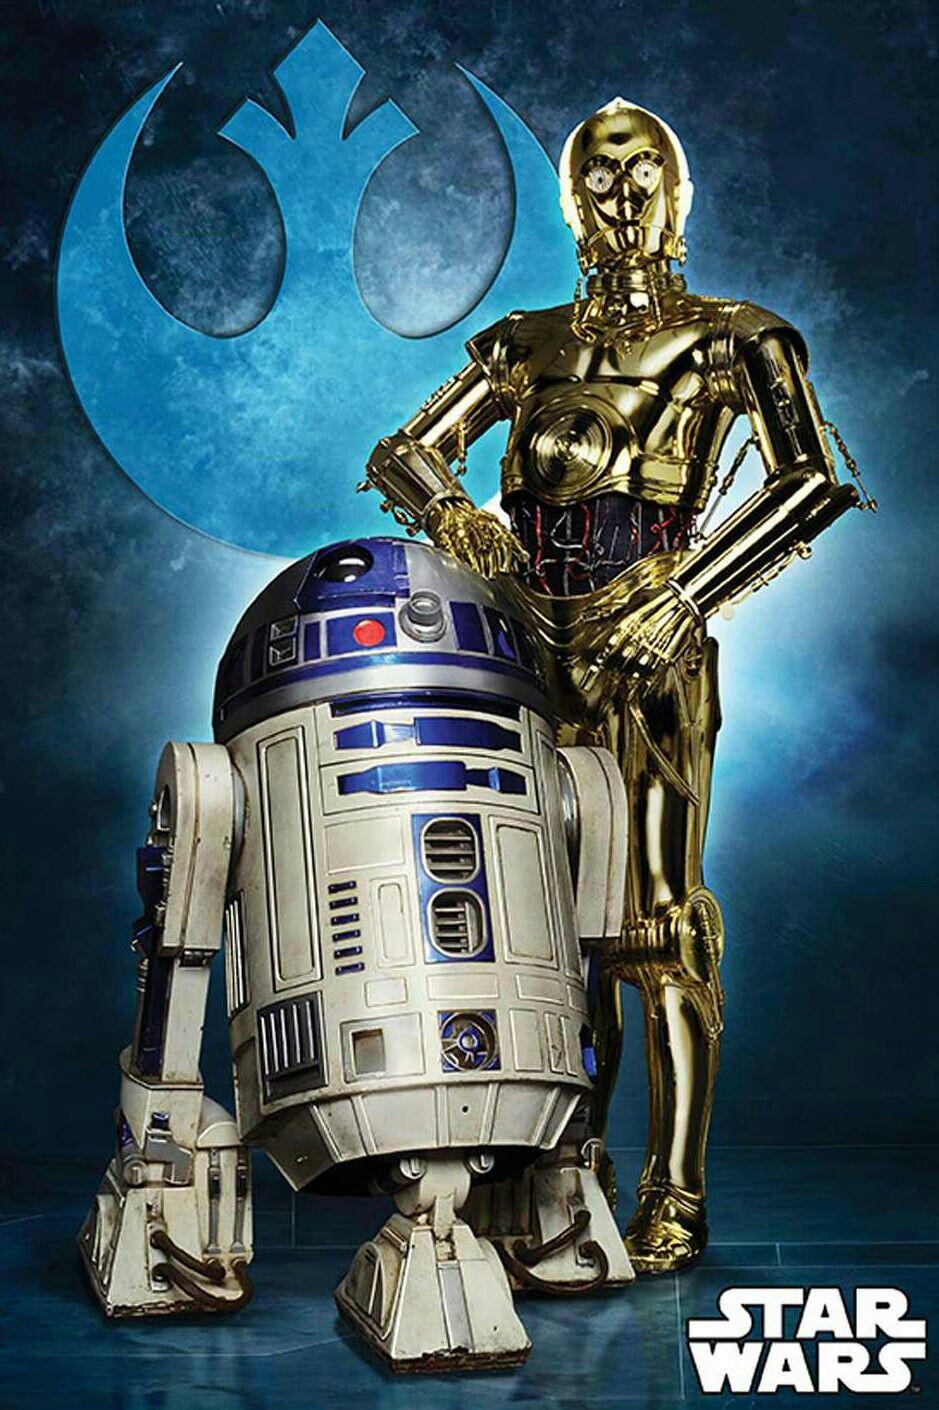 R2D2 AND C3PO Star wars art, Star wars droids, Star wars